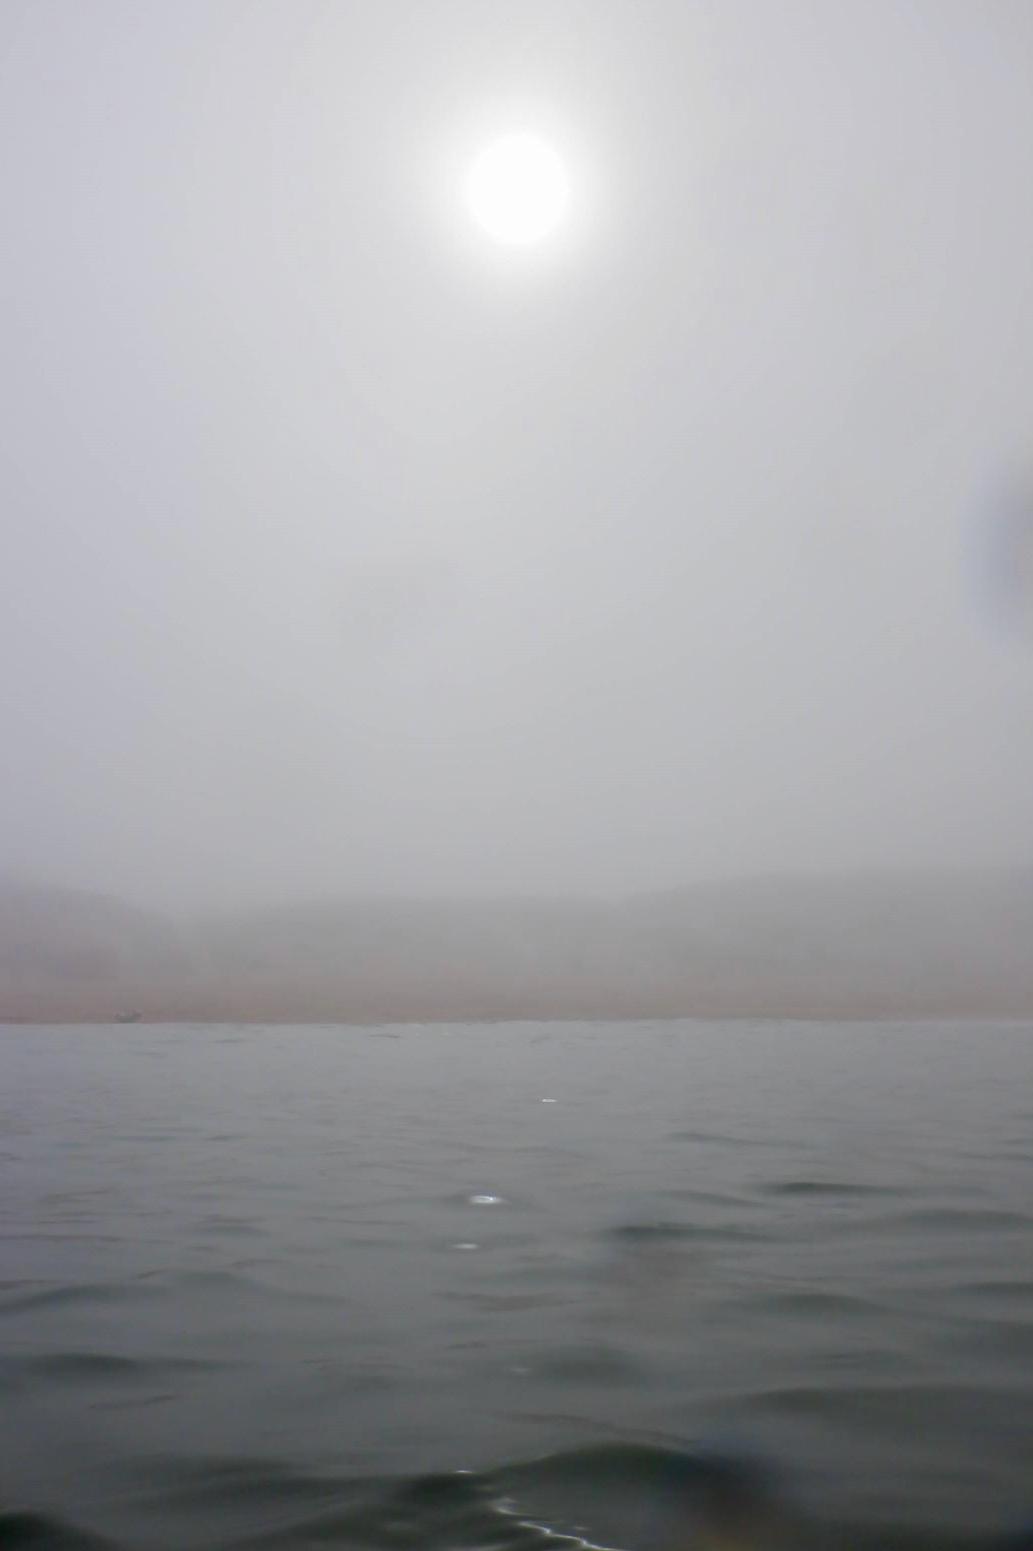 Swimming in the sea in the UK-7daa08ff-a1c9-4040-abea-47b045859b64-jpeg